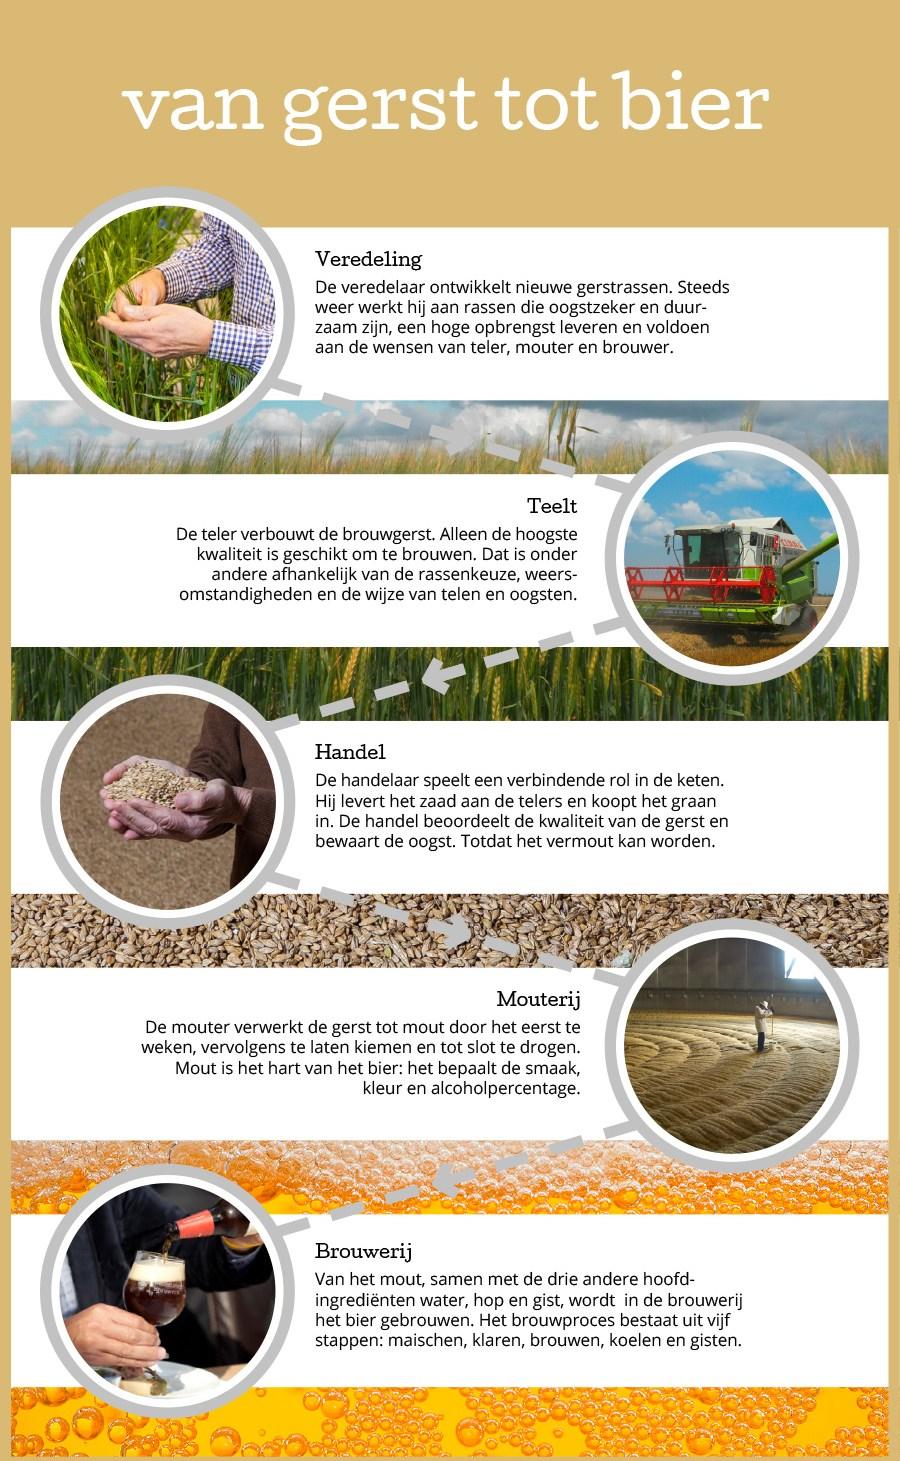 nederlands-bier-infographic